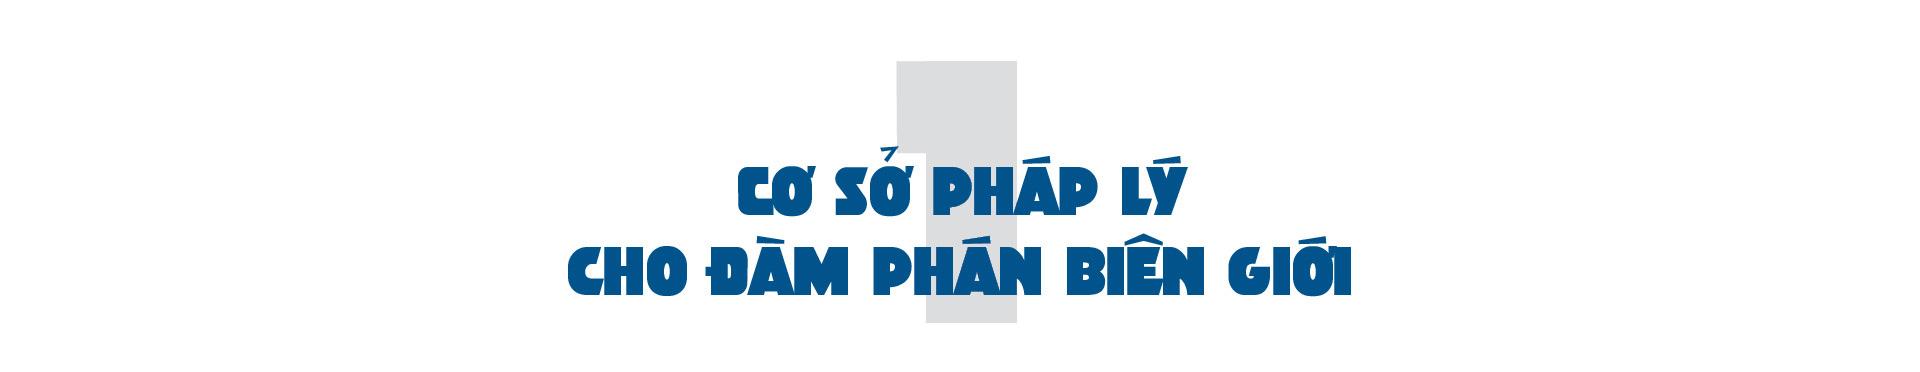 """Tiến sĩ Trần Công Trục: """"Không có chuyện Việt Nam bán đất, bán thác cho Trung Quốc"""" - Ảnh 1."""